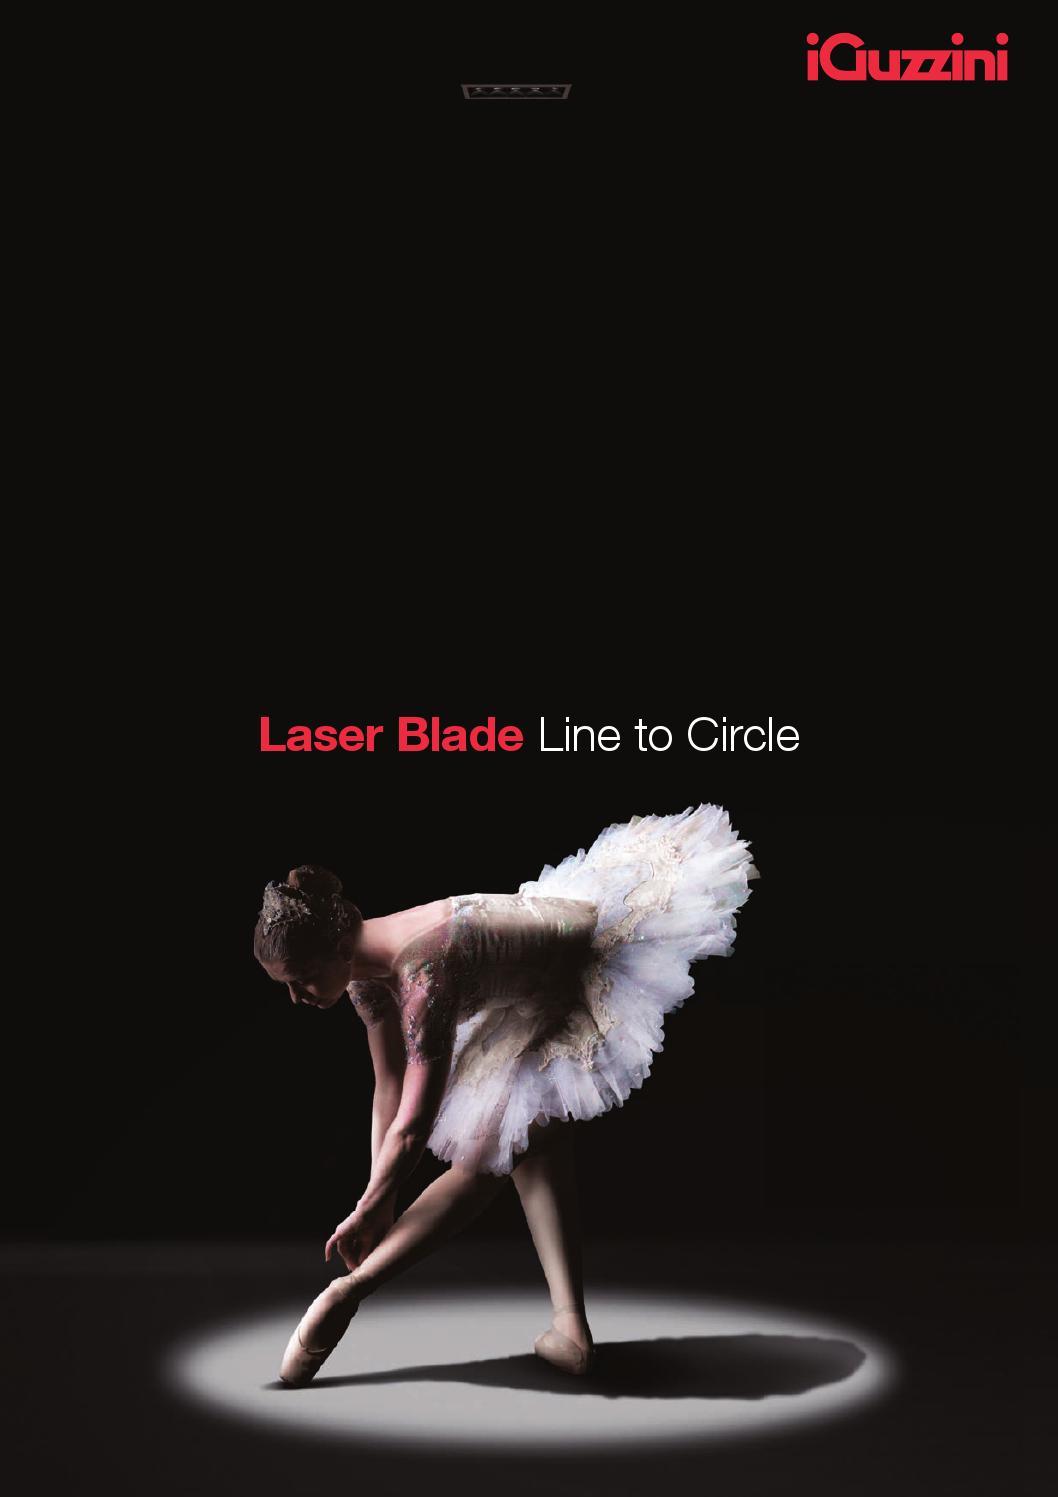 laser blade line to circle iguzzini 2015 en by. Black Bedroom Furniture Sets. Home Design Ideas